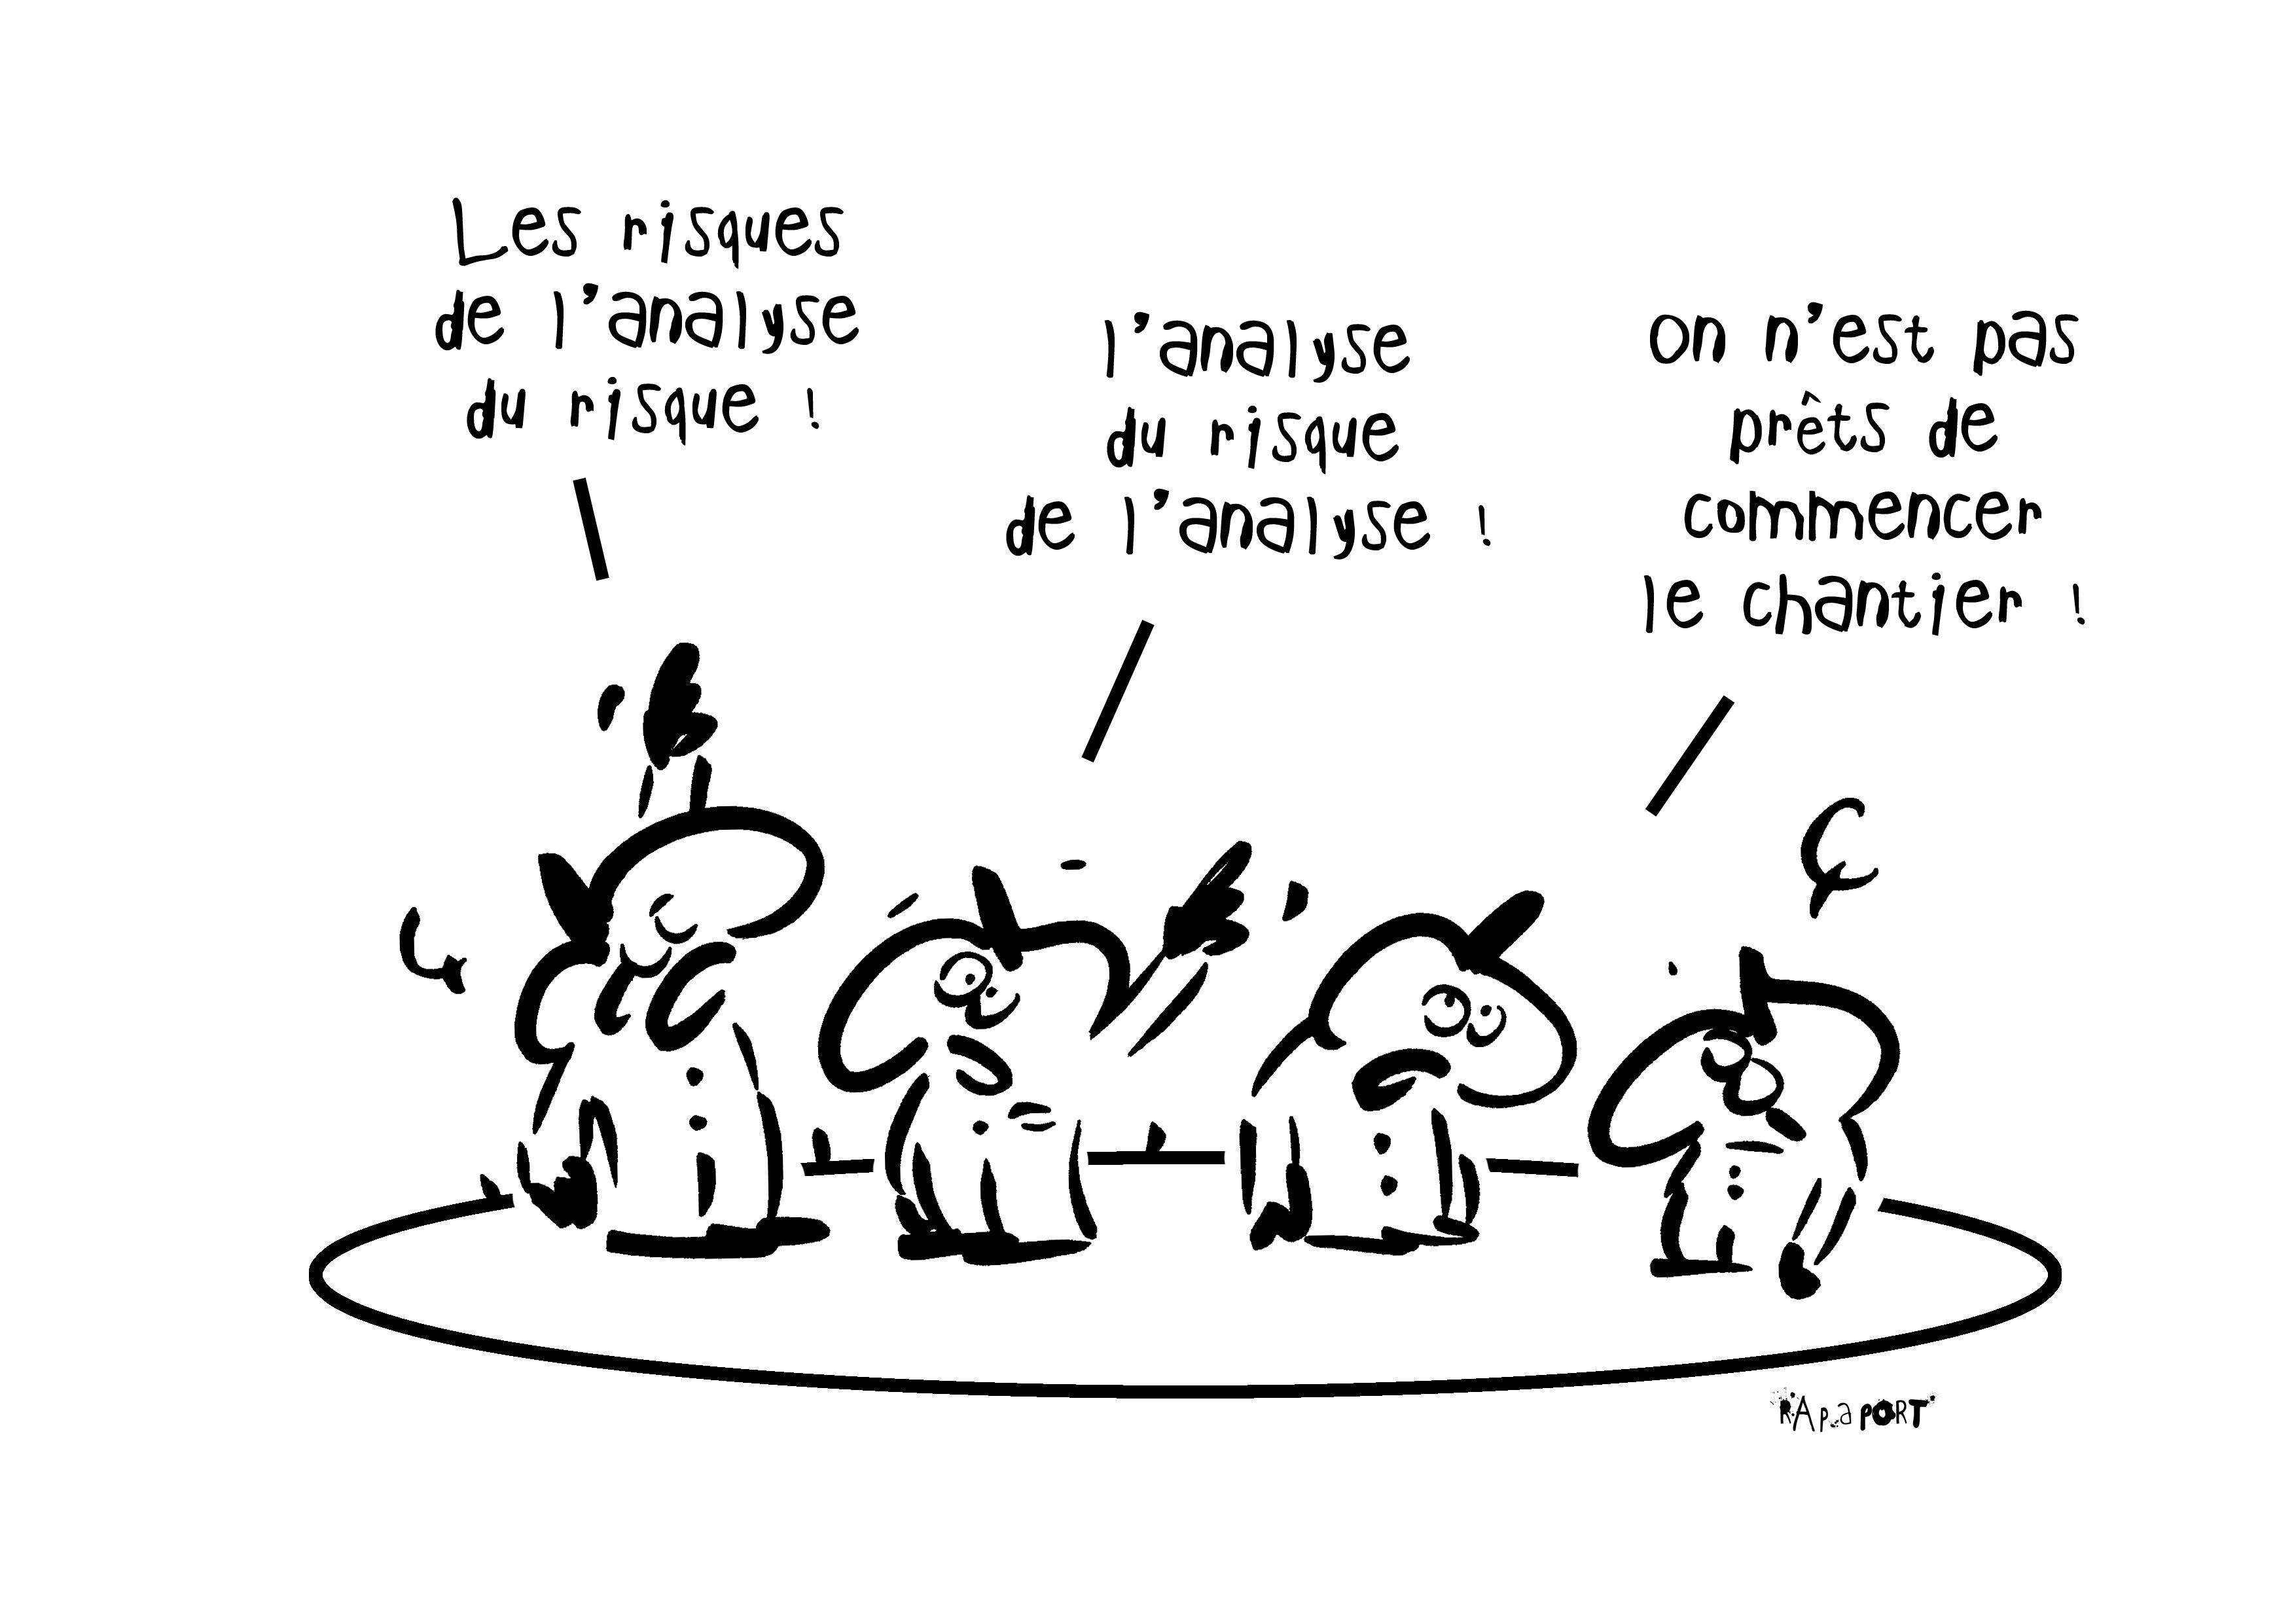 RAPAPORT:PRÉVENTION SÉCURITÉ66